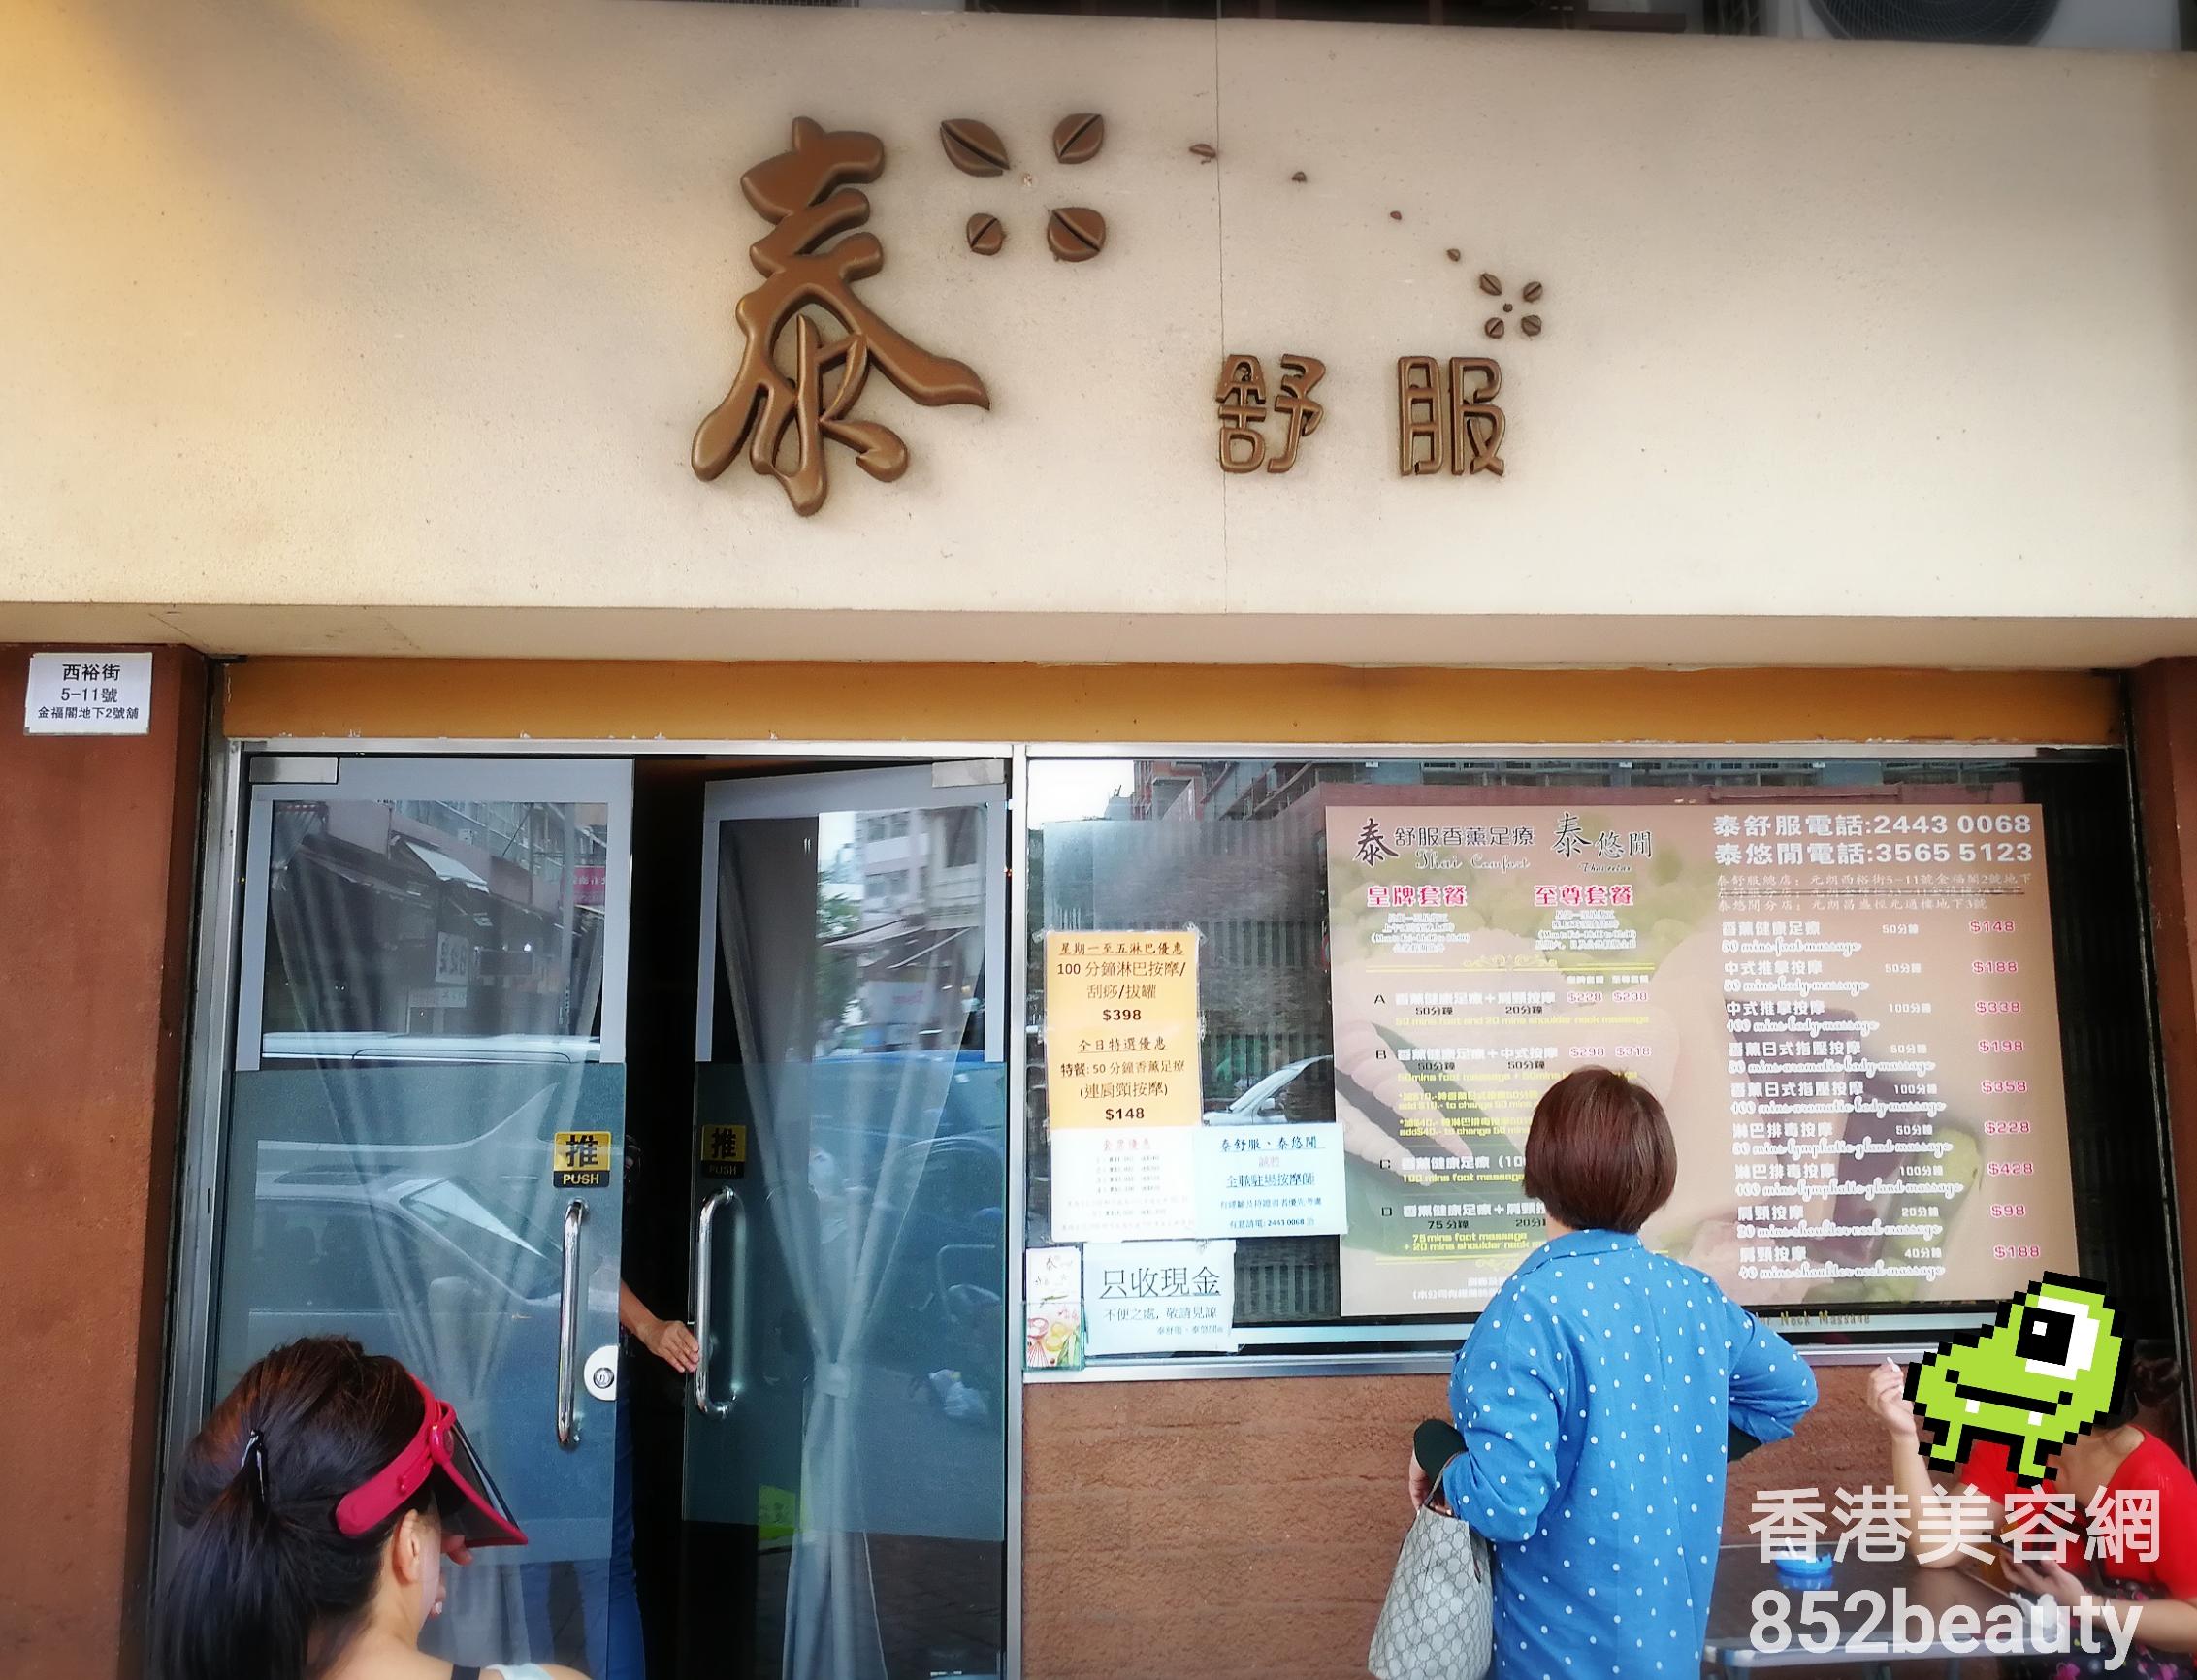 香港美容院 美容師 : 泰悠閒 (西裕街總店) @青年創業軍